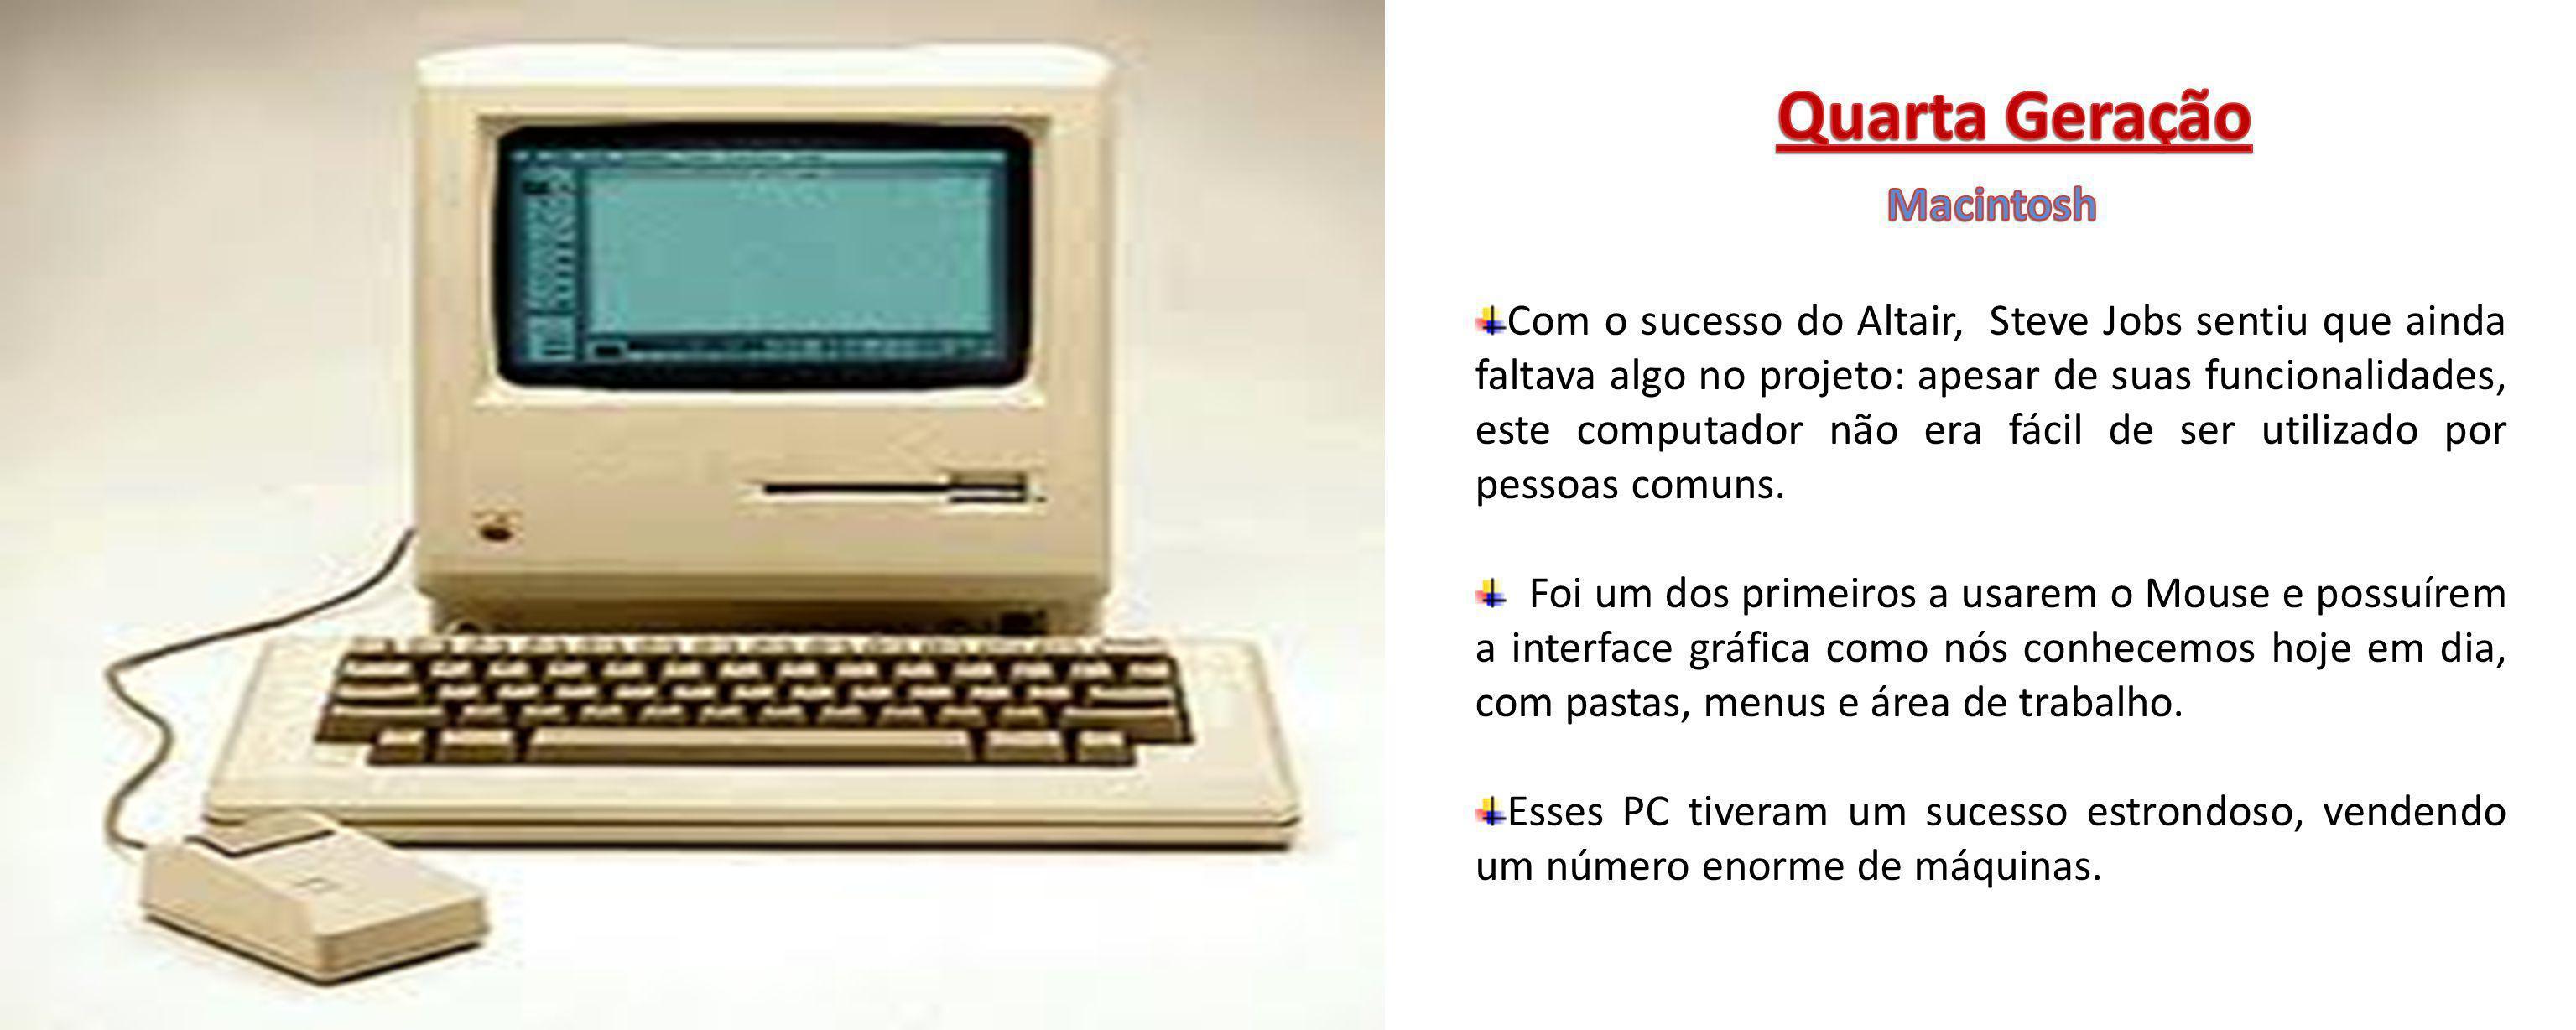 Quarta Geração Macintosh